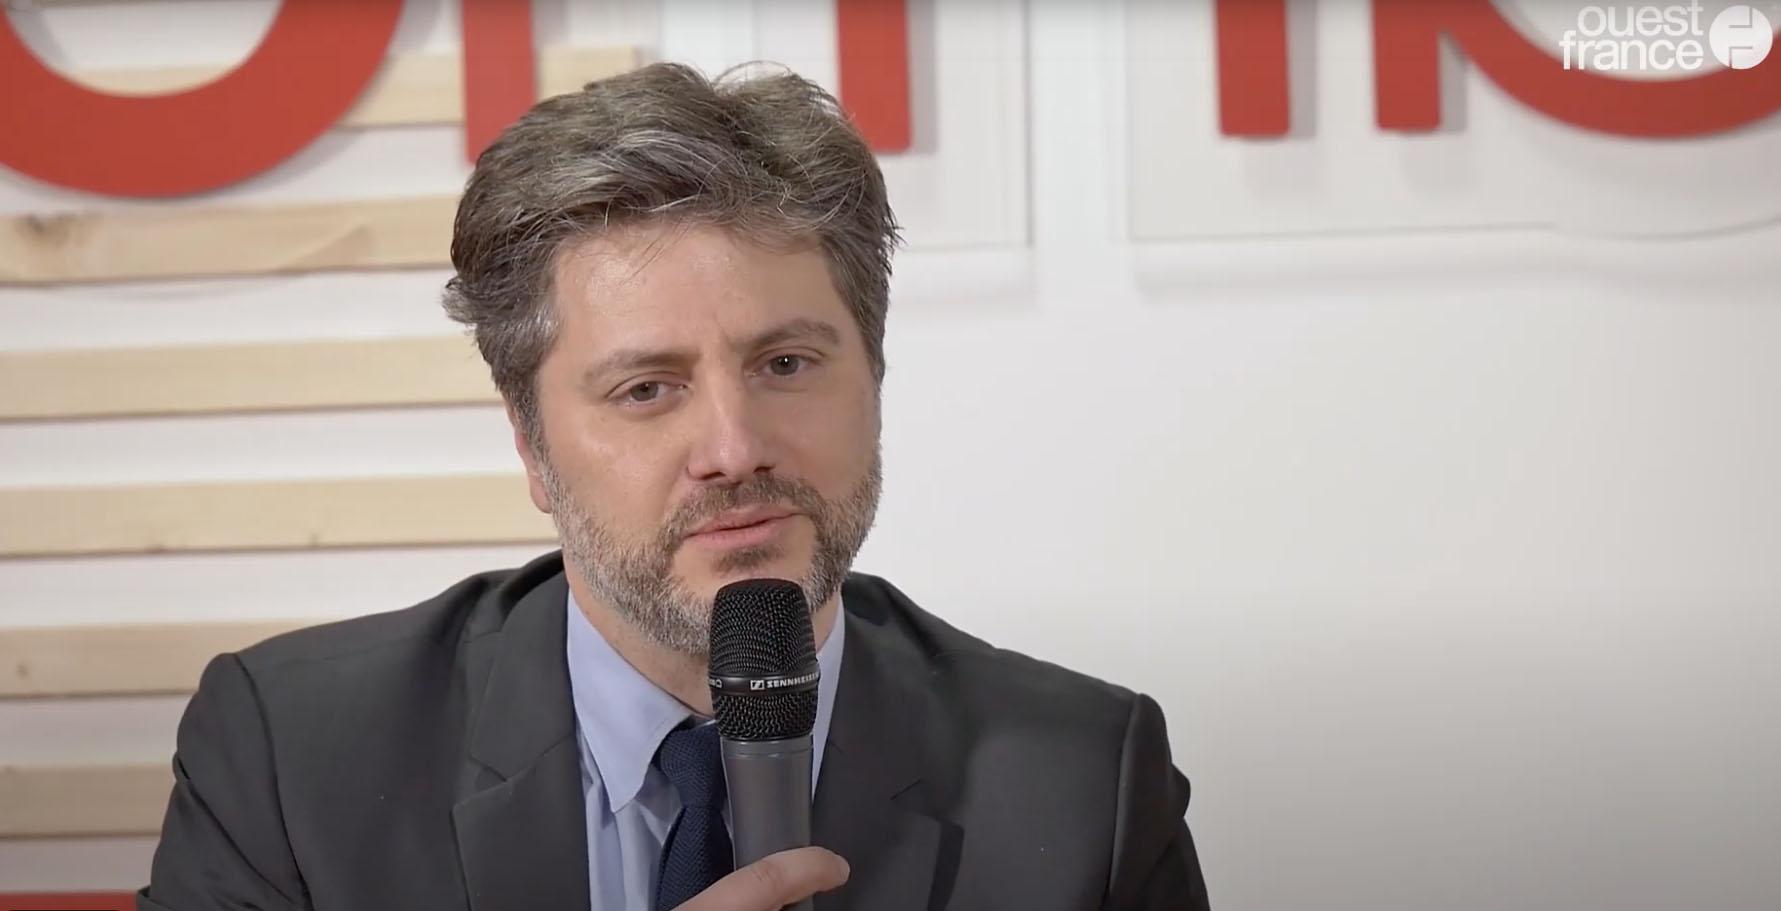 Thomas Audigé